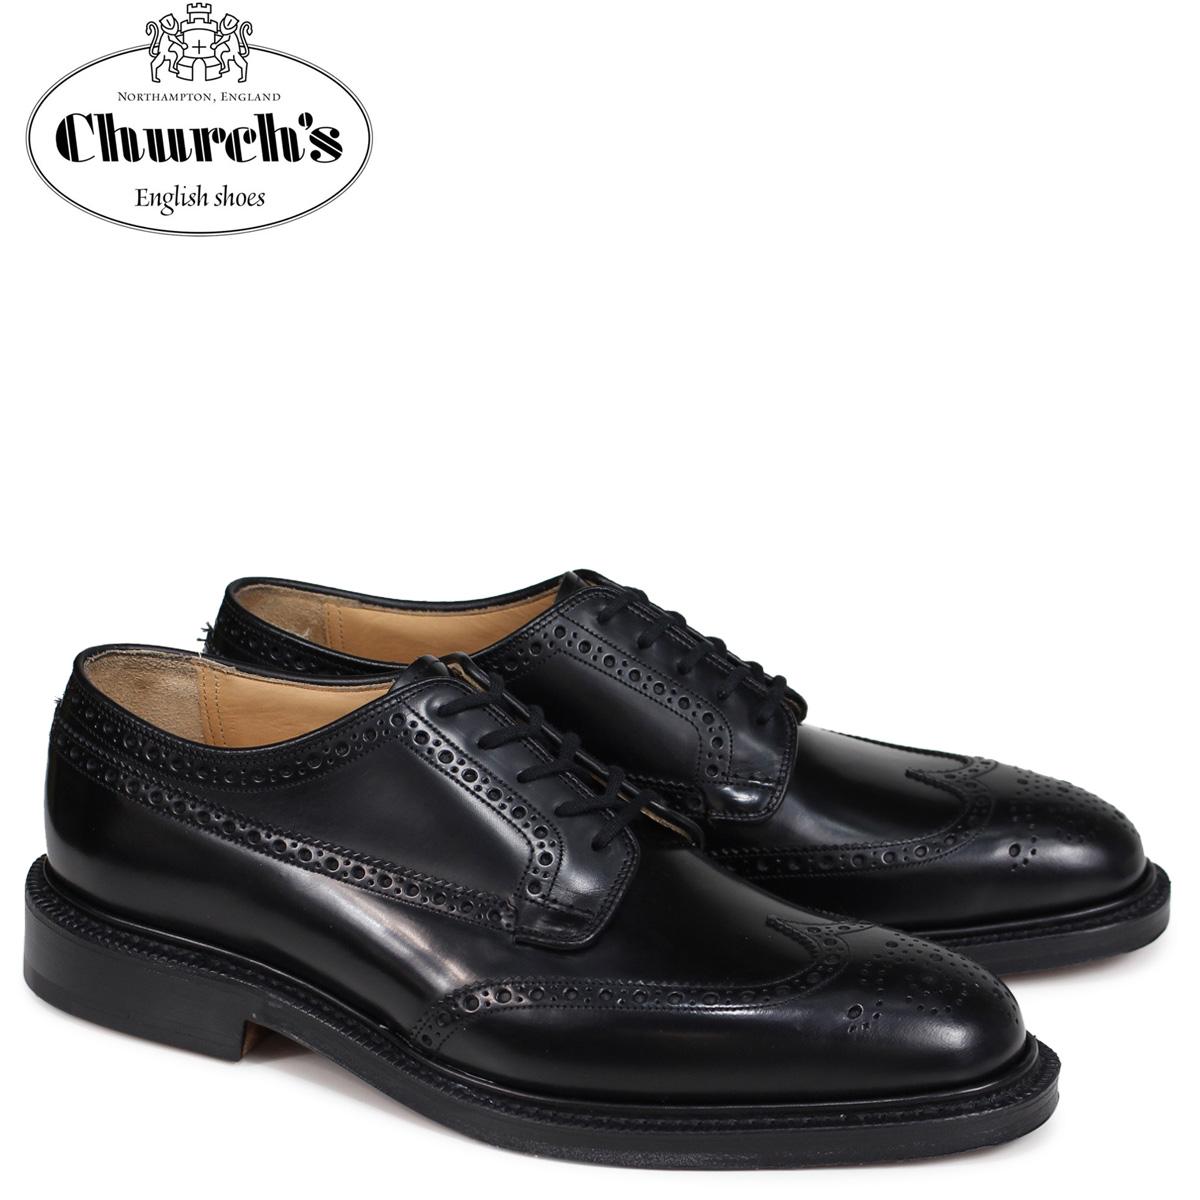 チャーチ Church's 靴 グラフトン ウイングチップ シューズ メンズ GRAFTON レザー ブラック EEB009